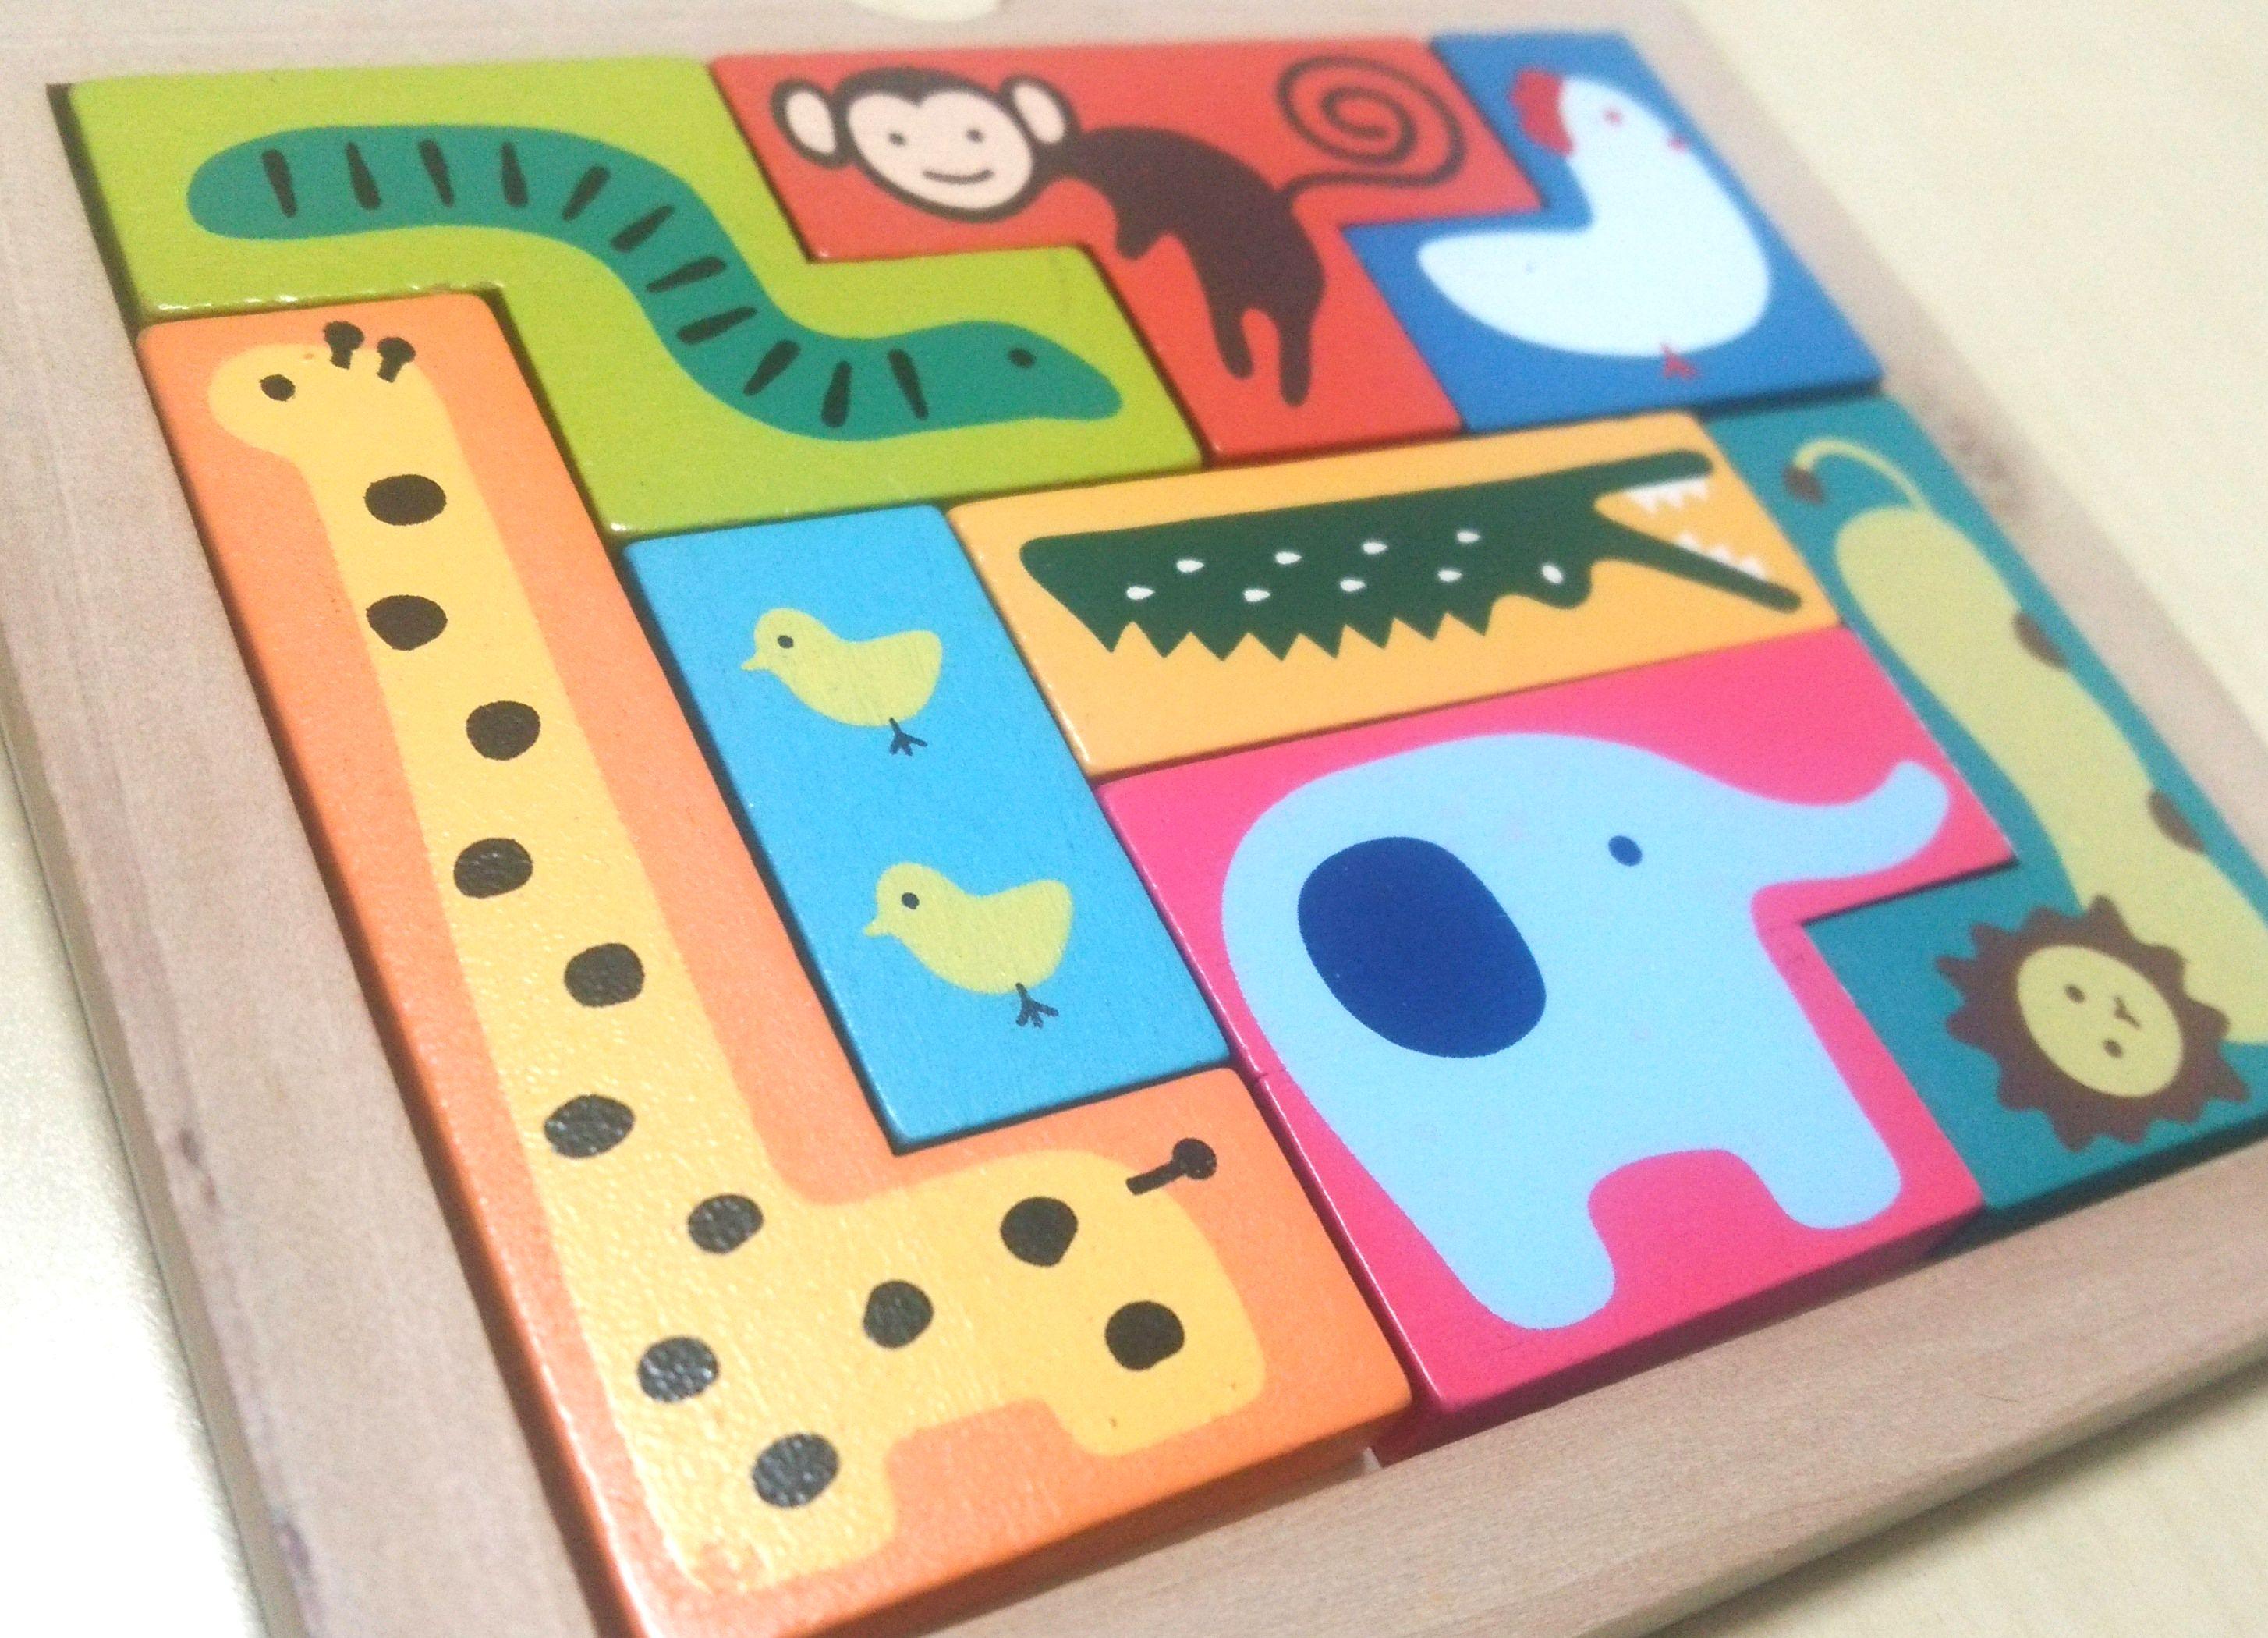 木のぬくもりがやさしい木製パズル。イラストもキュートな『どうぶつパズル』